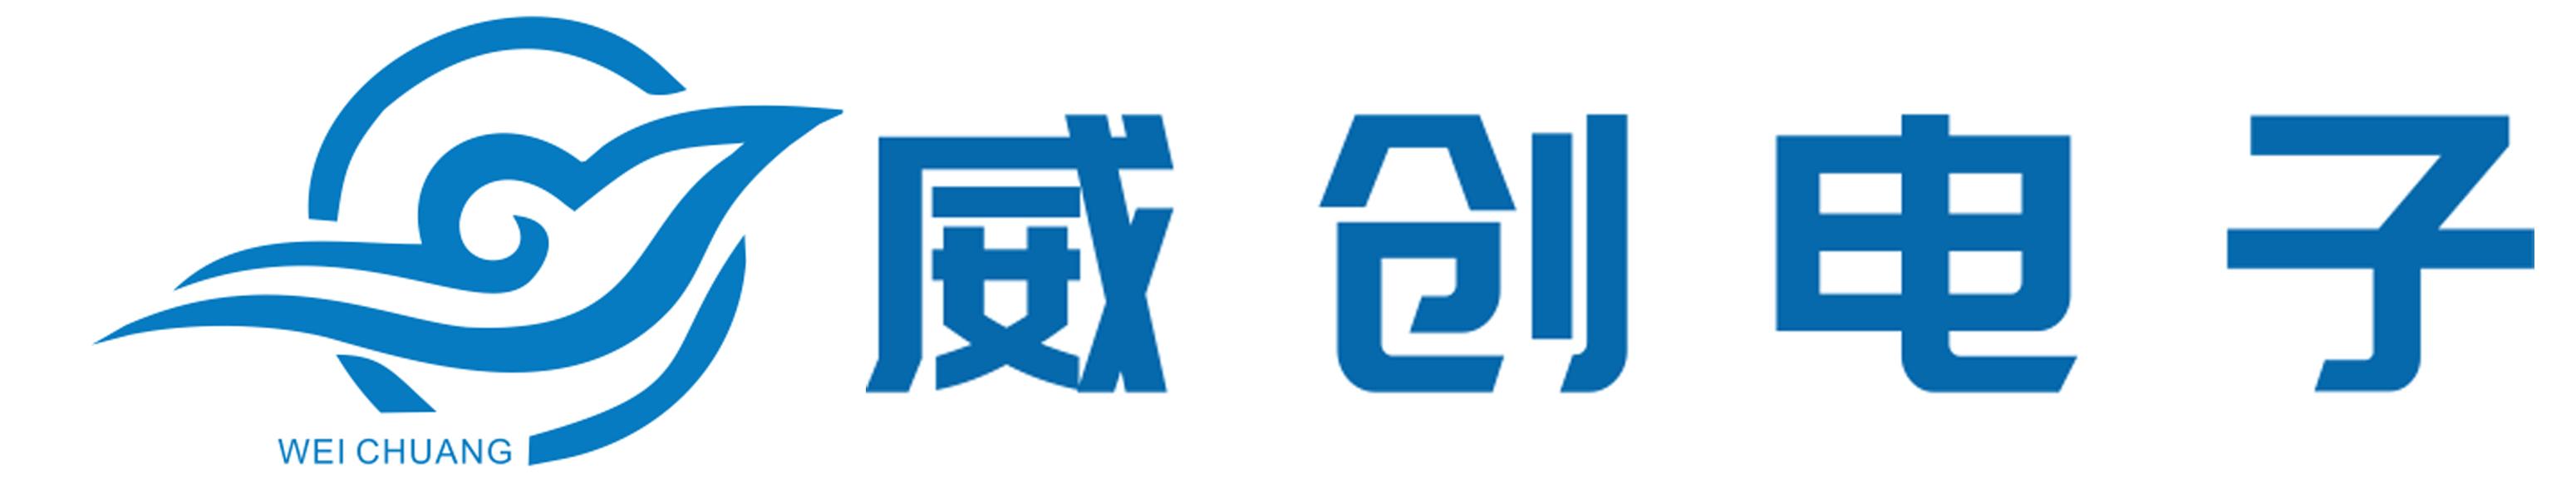 江西省威创电子有限公司